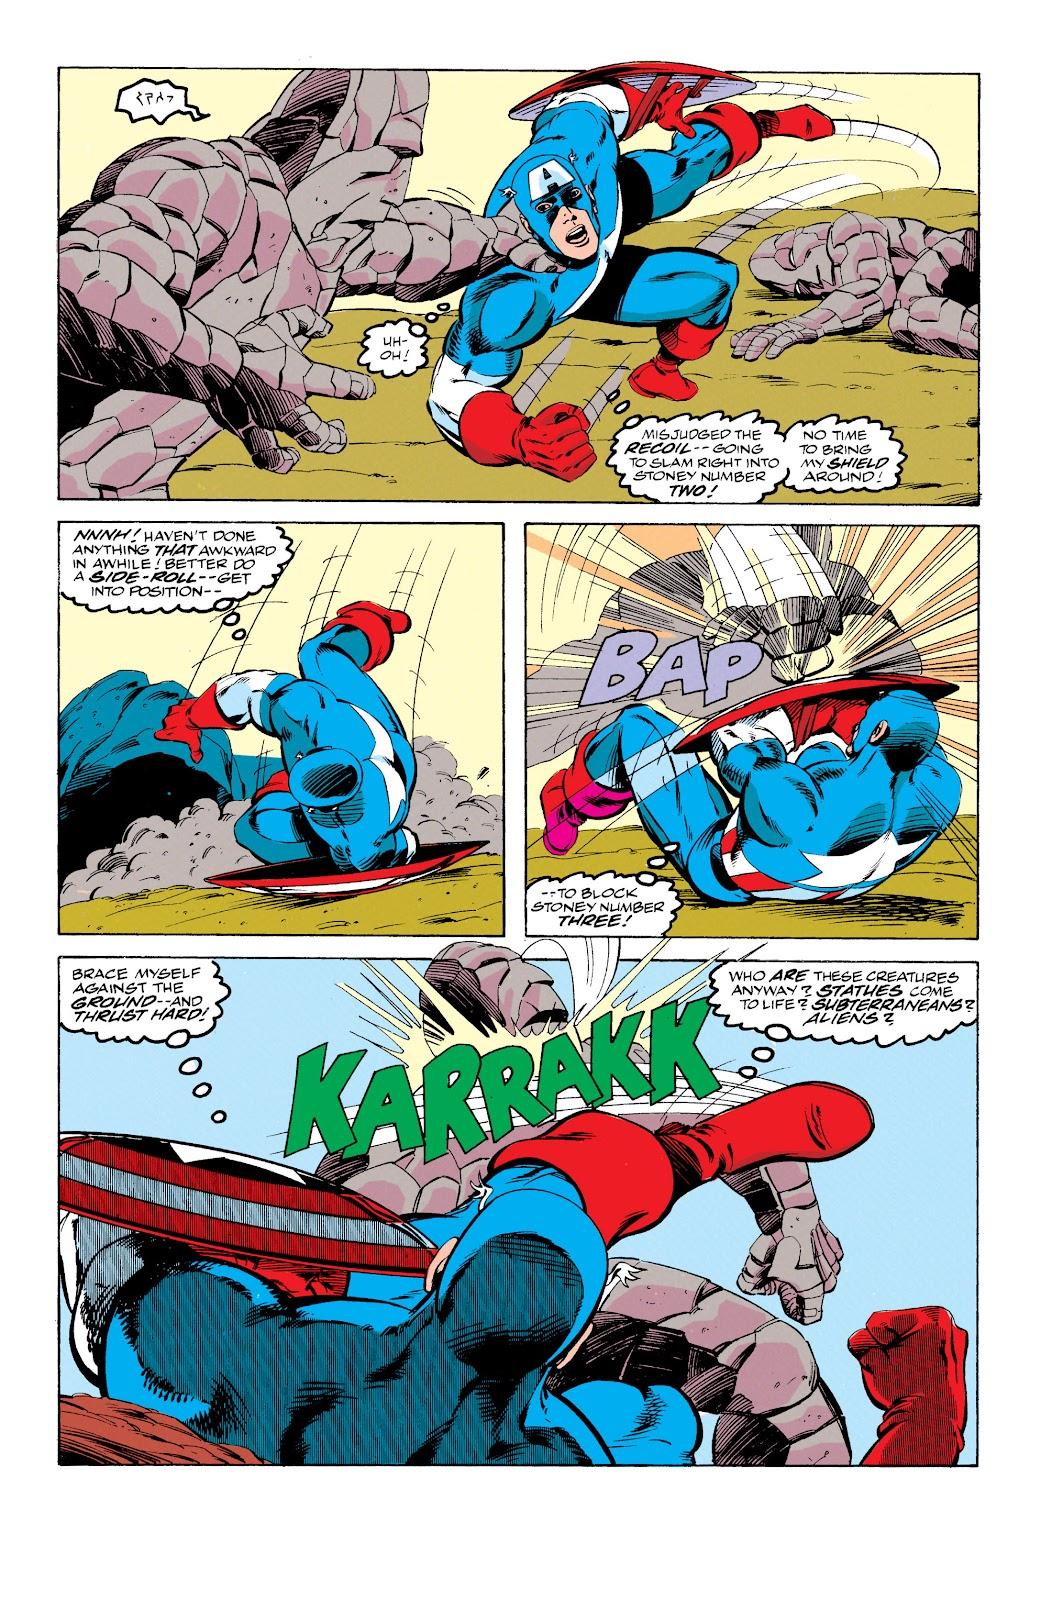 Read online Avengers: Citizen Kang comic -  Issue # TPB (Part 1) - 13